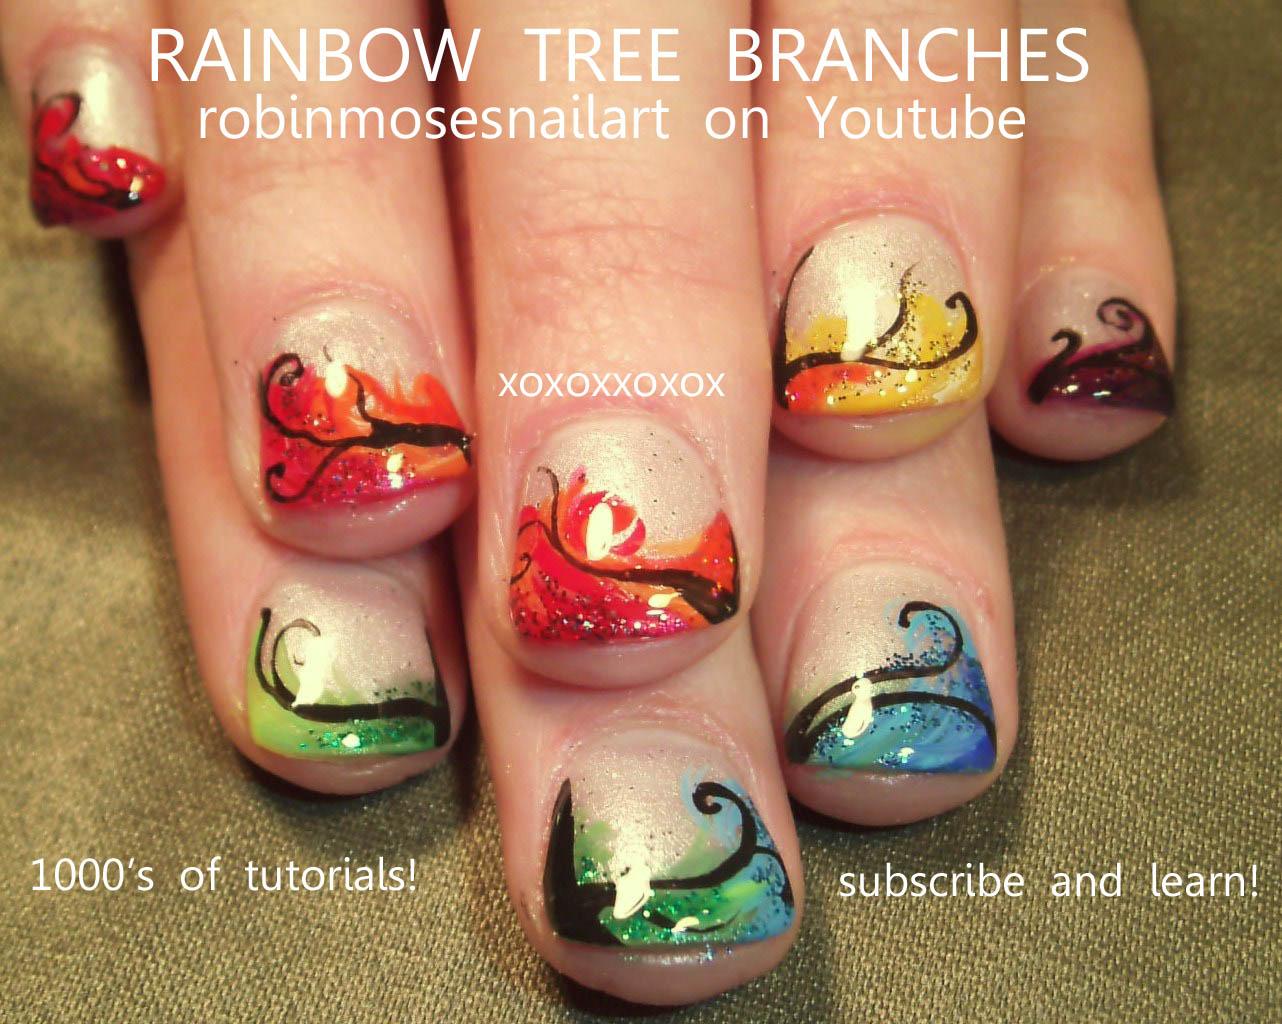 zebra nails, purple zebra nails, zebra tip nails, rainbow tree nails ...